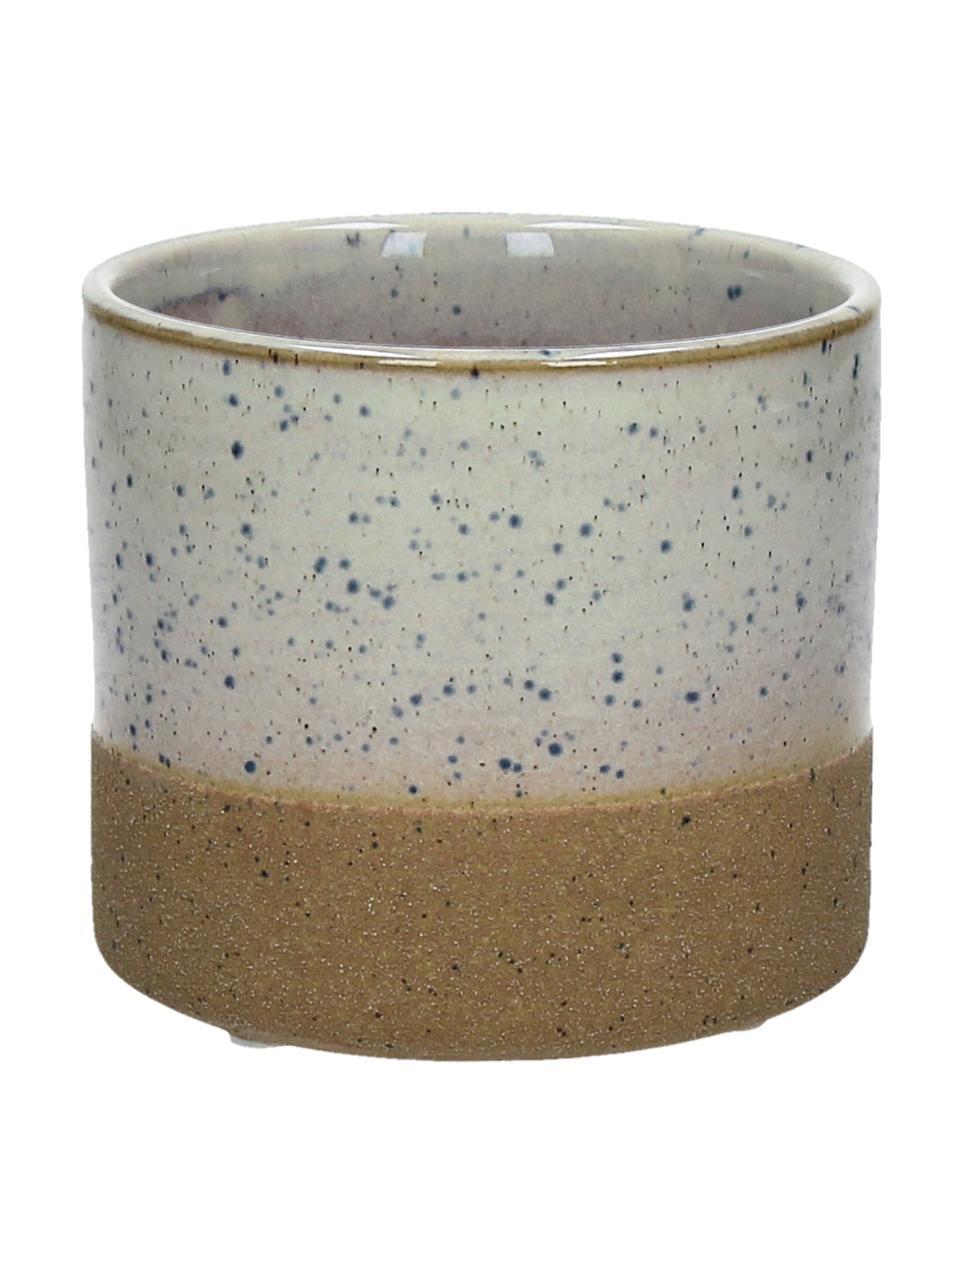 Osłonka na doniczkę Suna, Piaskowiec, Brązowy, biały, szary, Ø 11 x W 10 cm